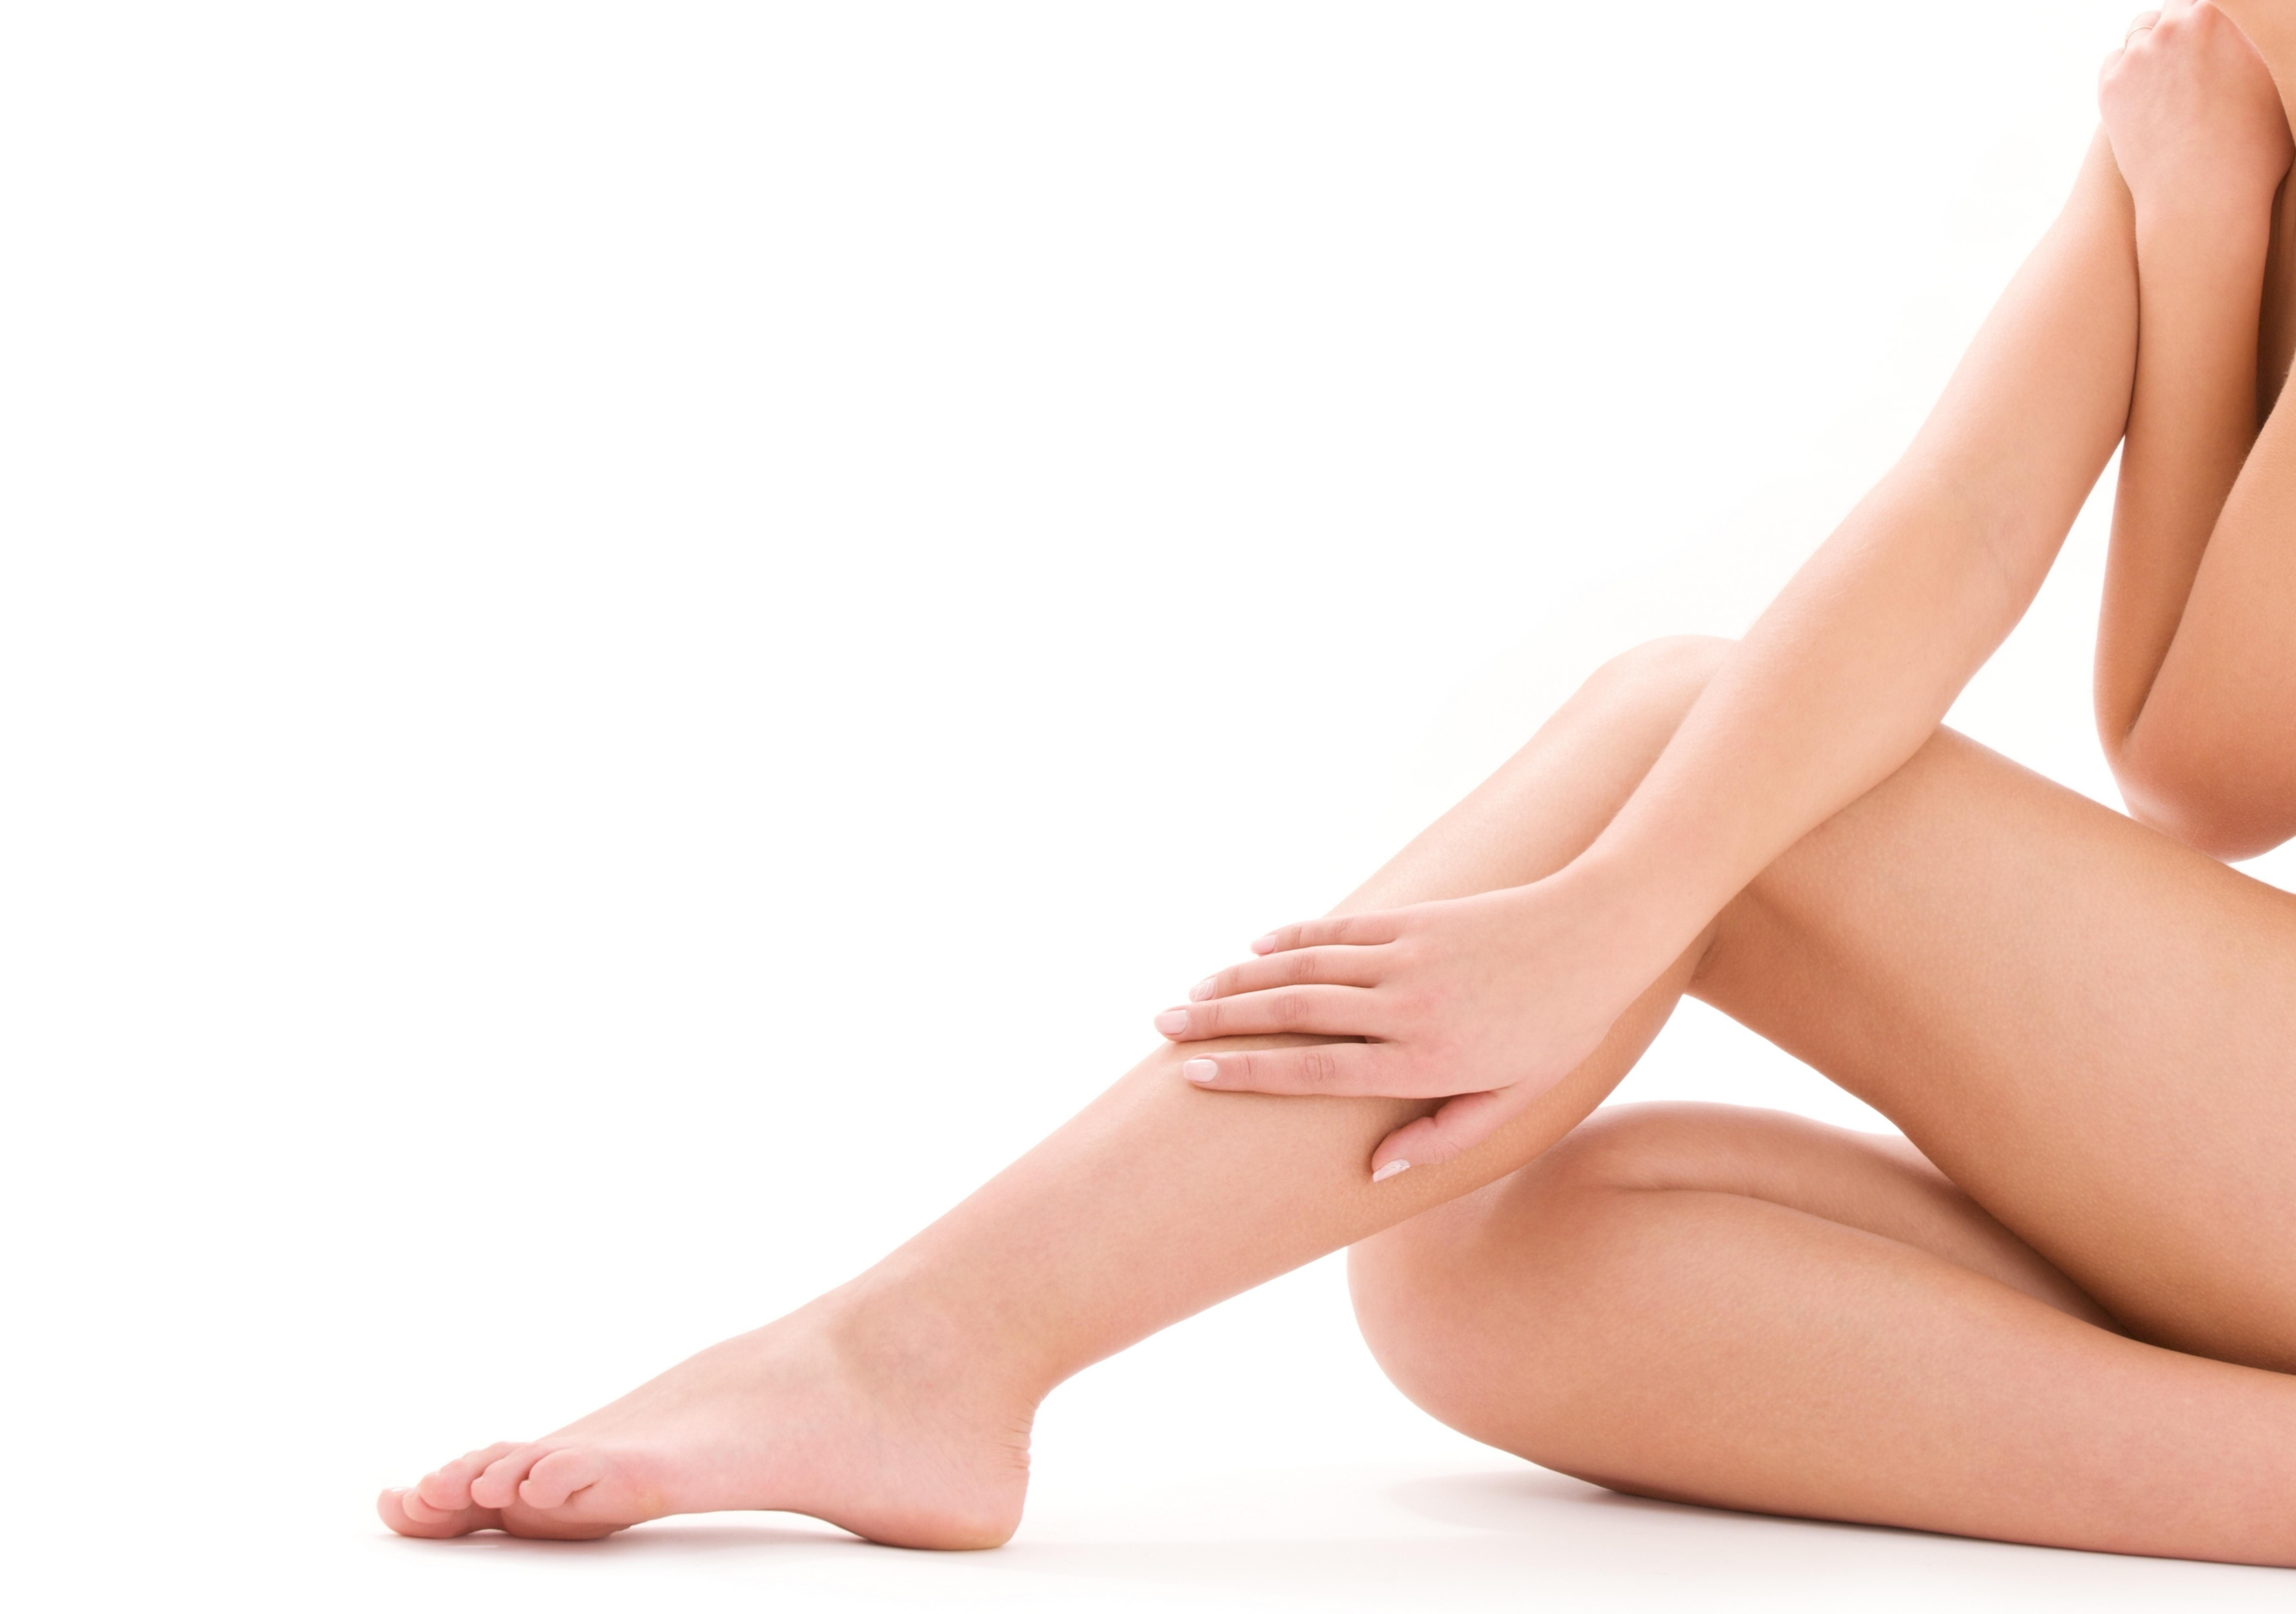 durere la nivelul picioarelor inferioare și picioare reci cauzează mâncărime la picioare noaptea